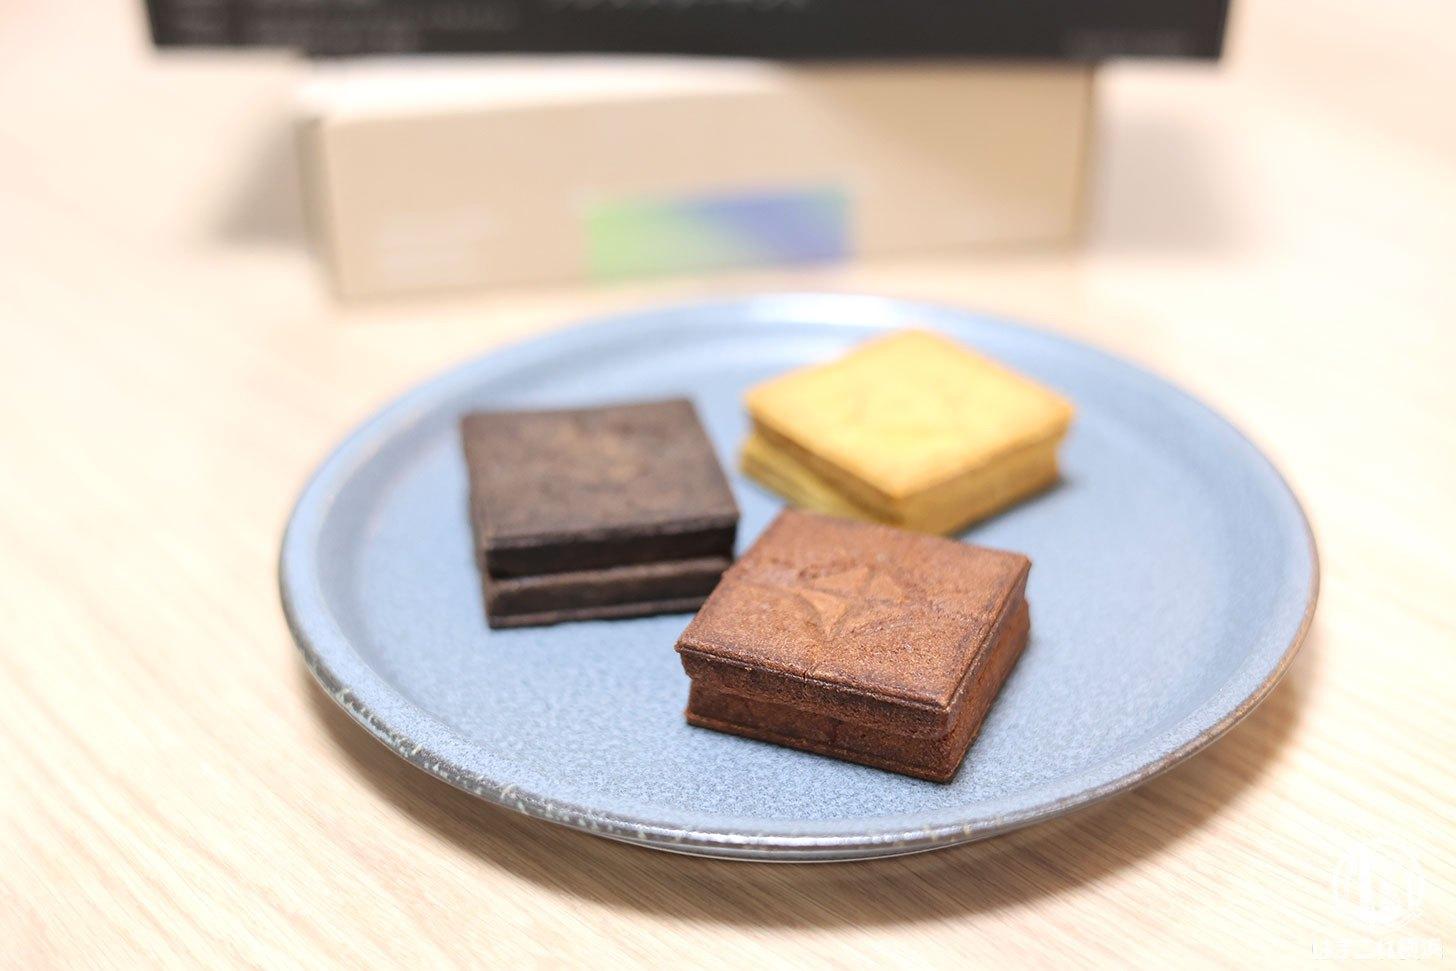 プレスバターサンド横浜高島屋でマルゥと黒のバターサンド購入・食べ比べ!